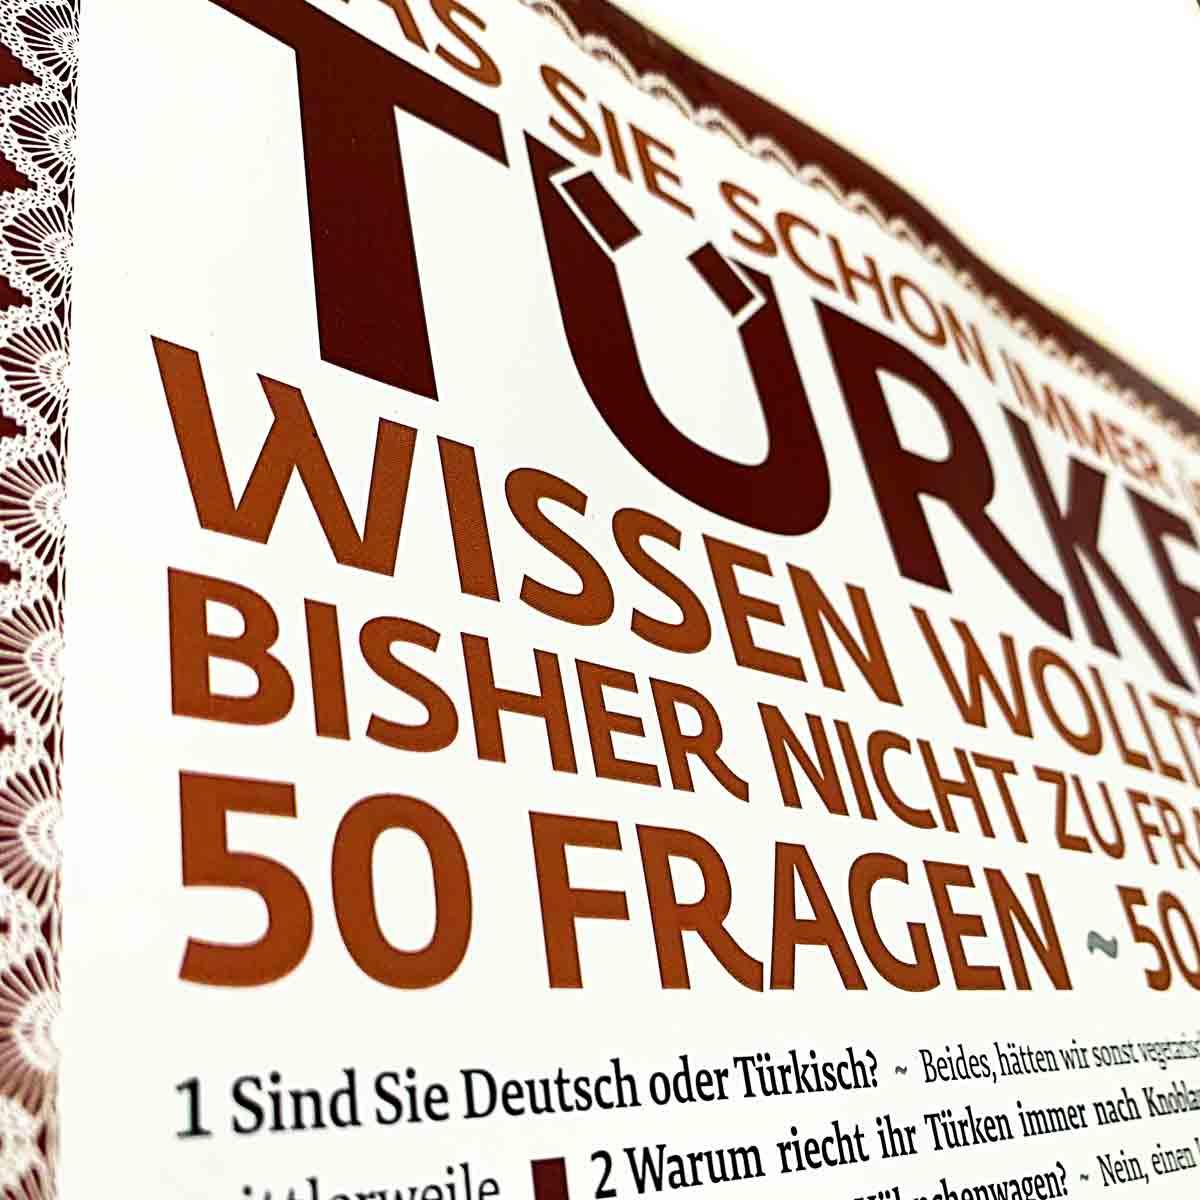 Poster Foto 50 Fragen